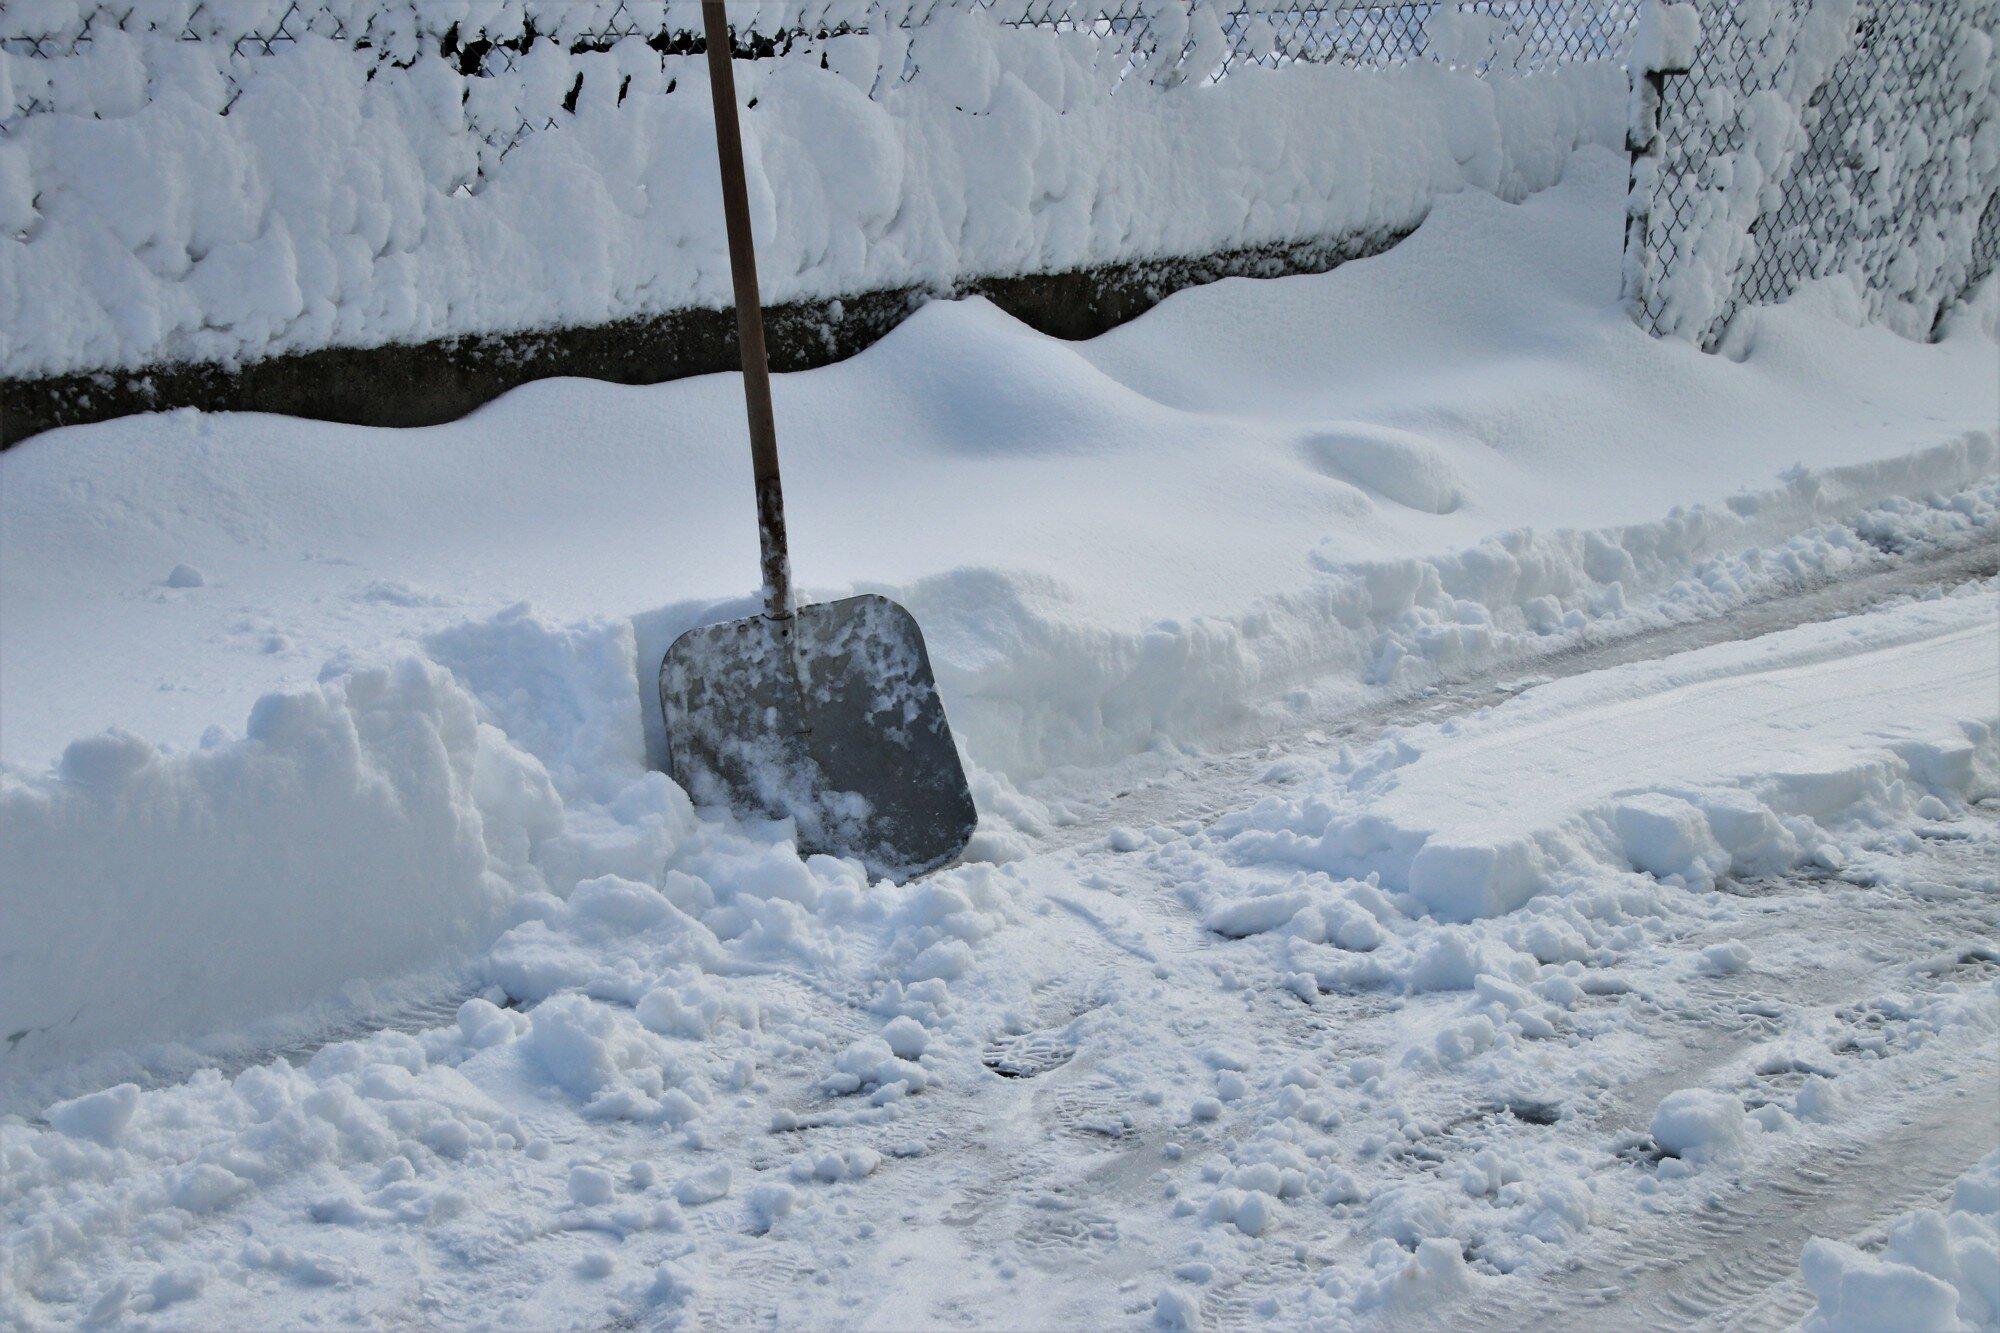 Мужчина заявил об убийстве, чтобы возле двора расчистили снег